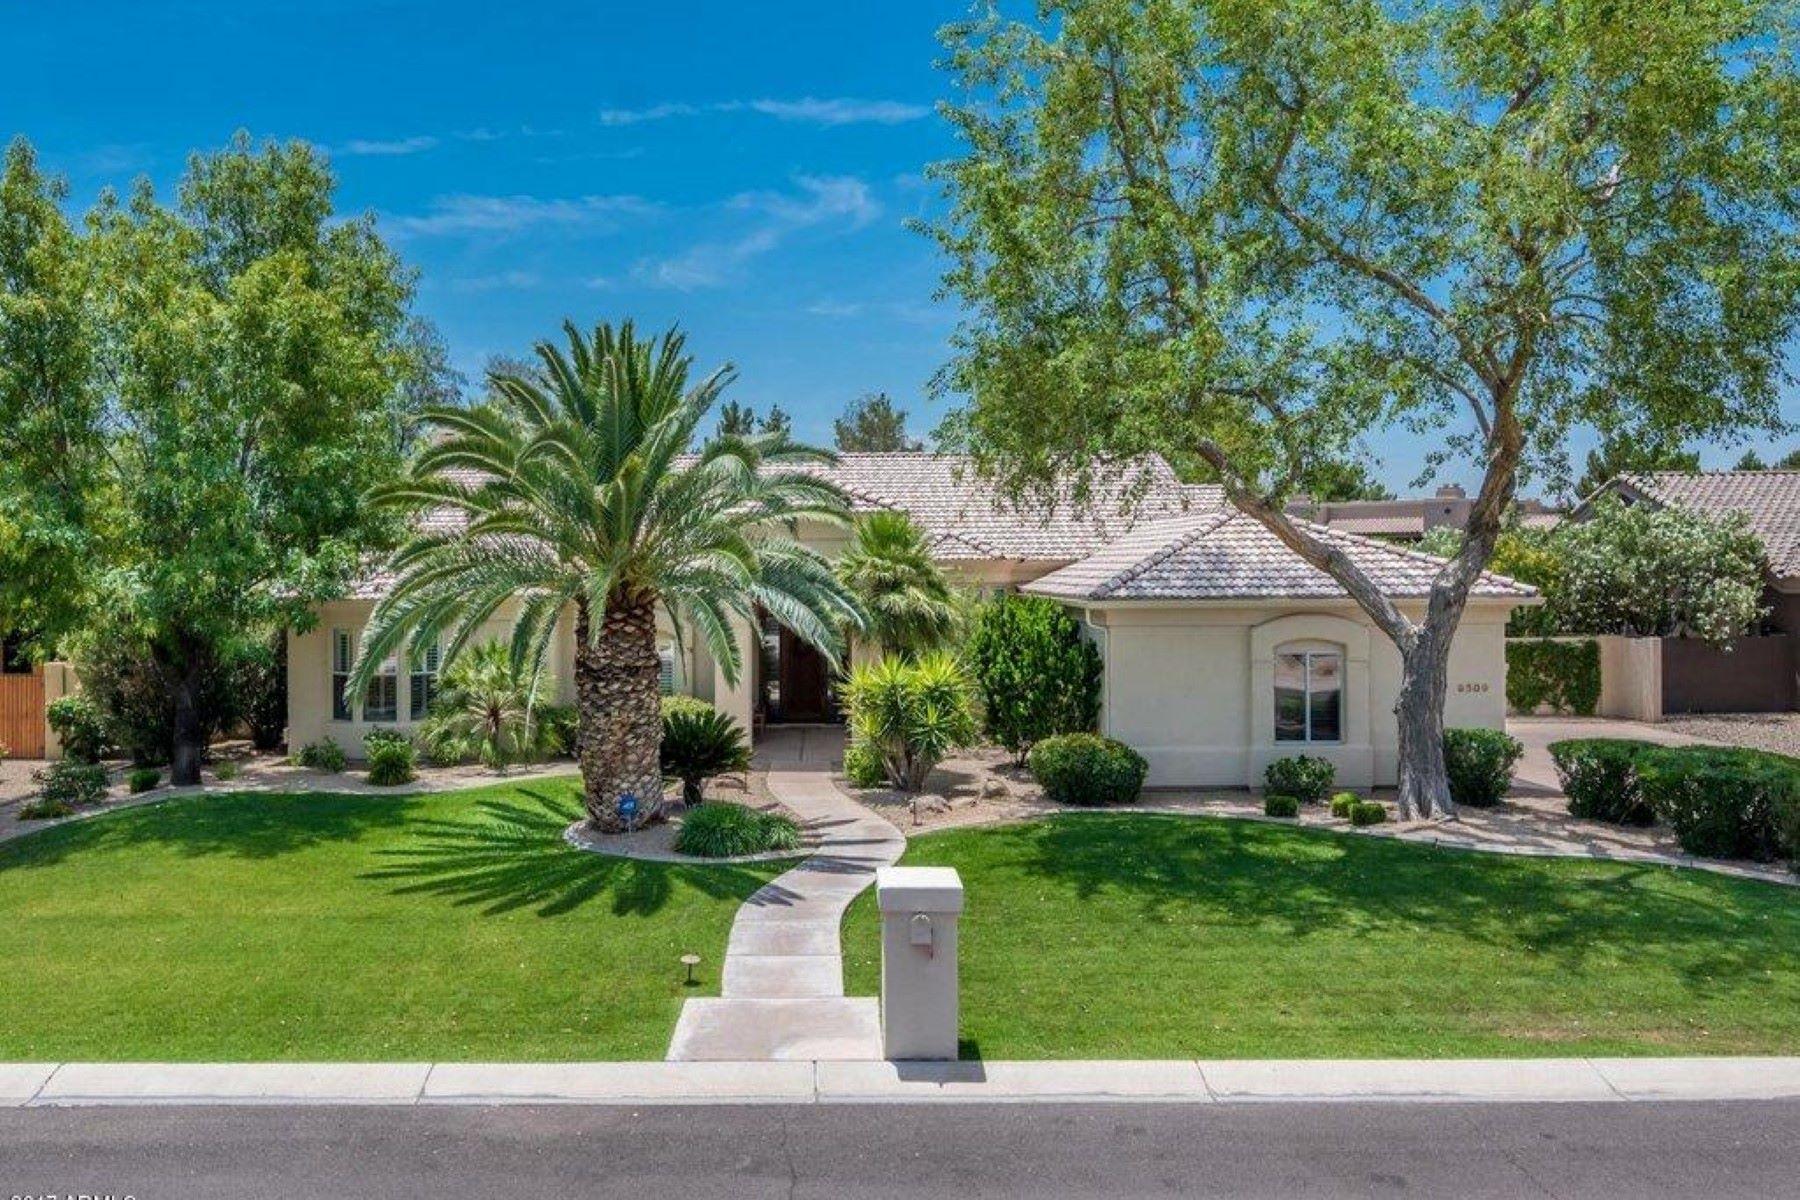 Частный односемейный дом для того Продажа на Stunning custom home in the upscale San Serena Estates 9509 E Desert Cove Avenue Scottsdale, Аризона, 85260 Соединенные Штаты